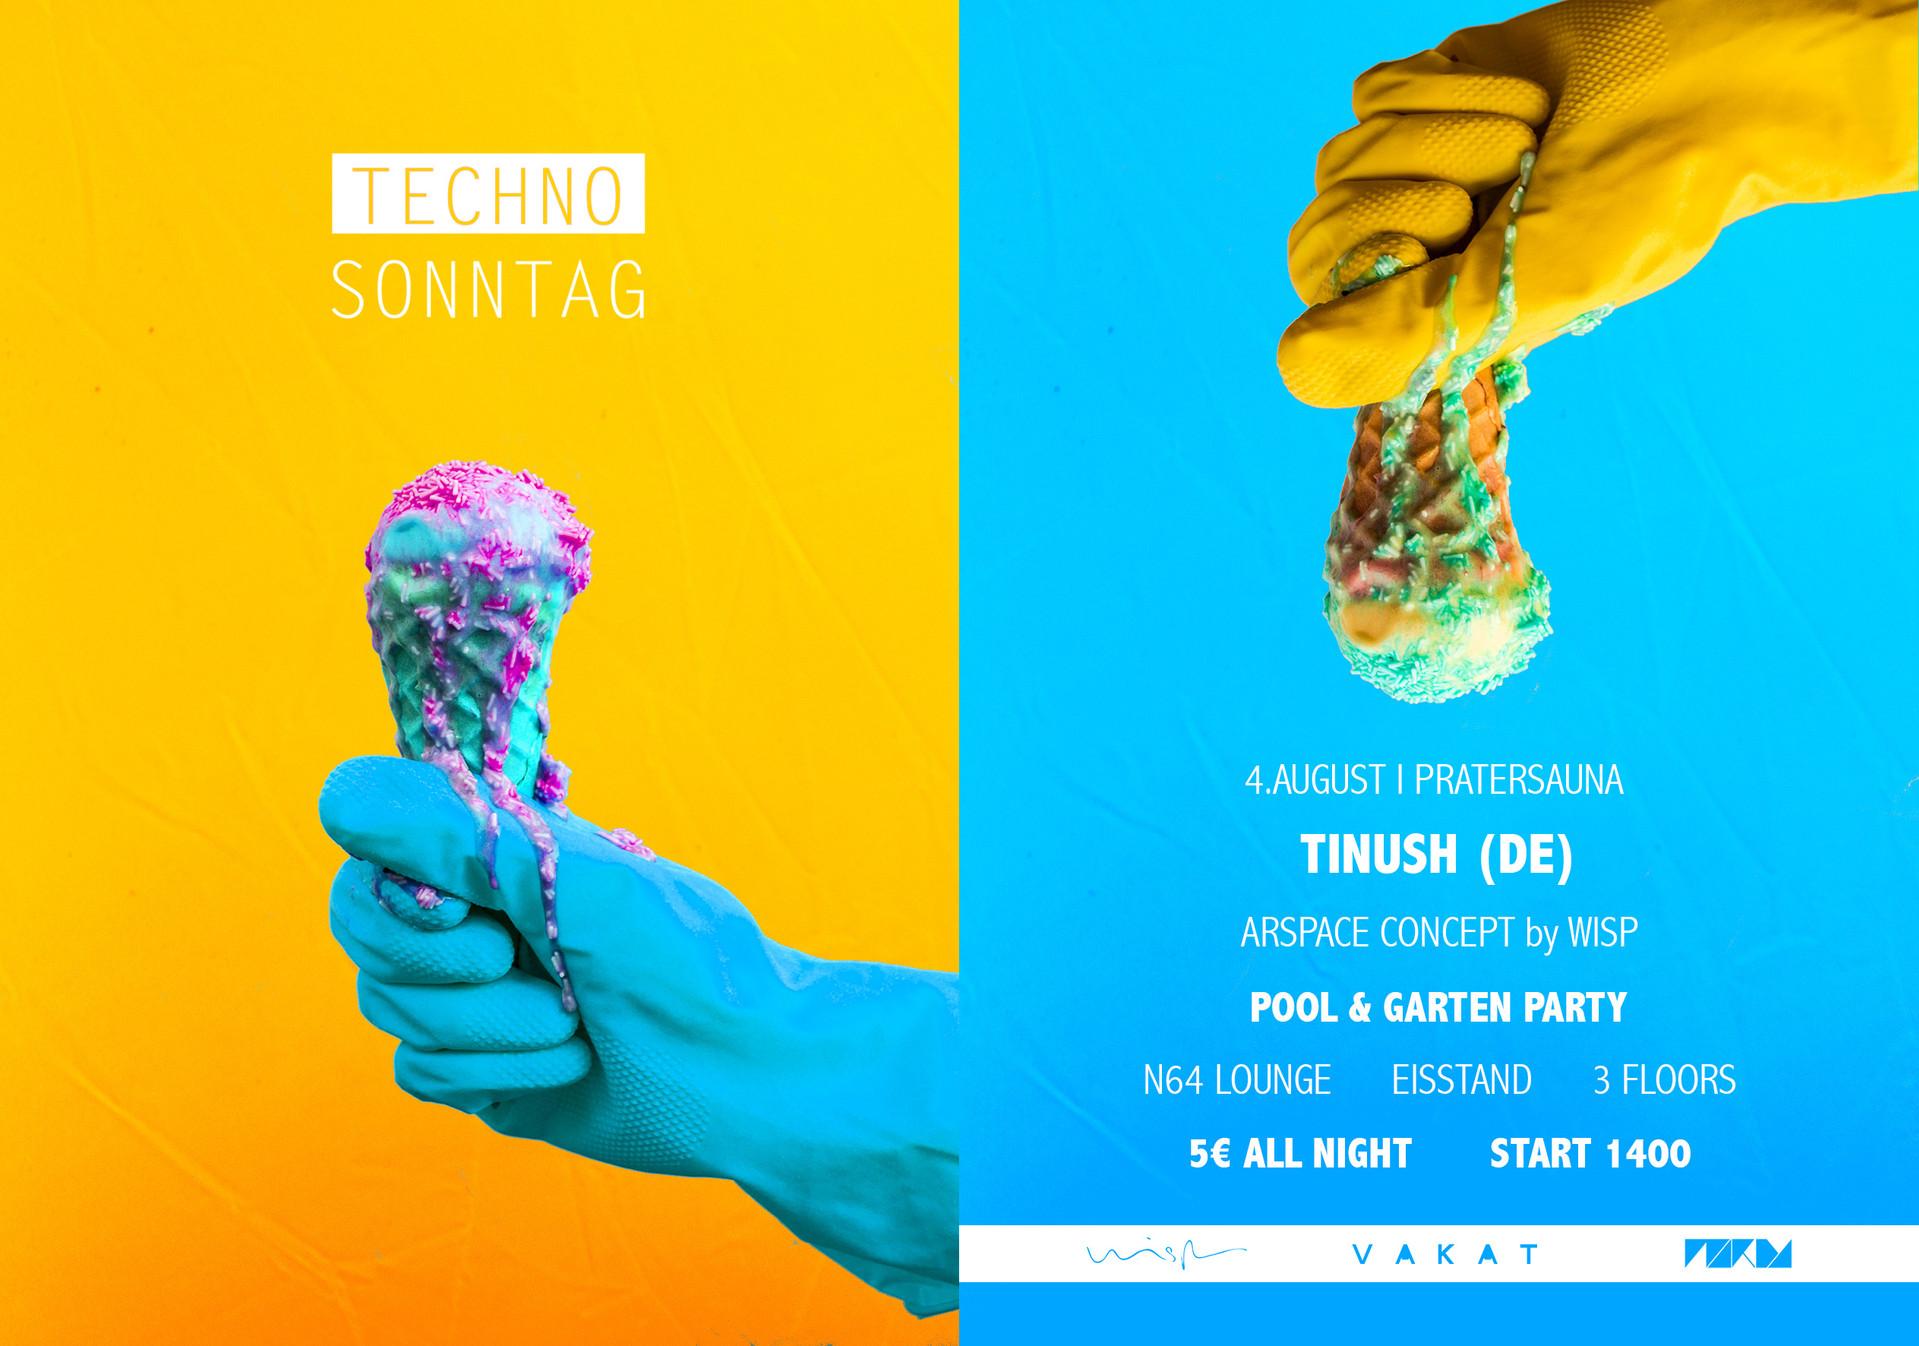 Techno Sonntag Flyer 3 Vakat Johannes Je